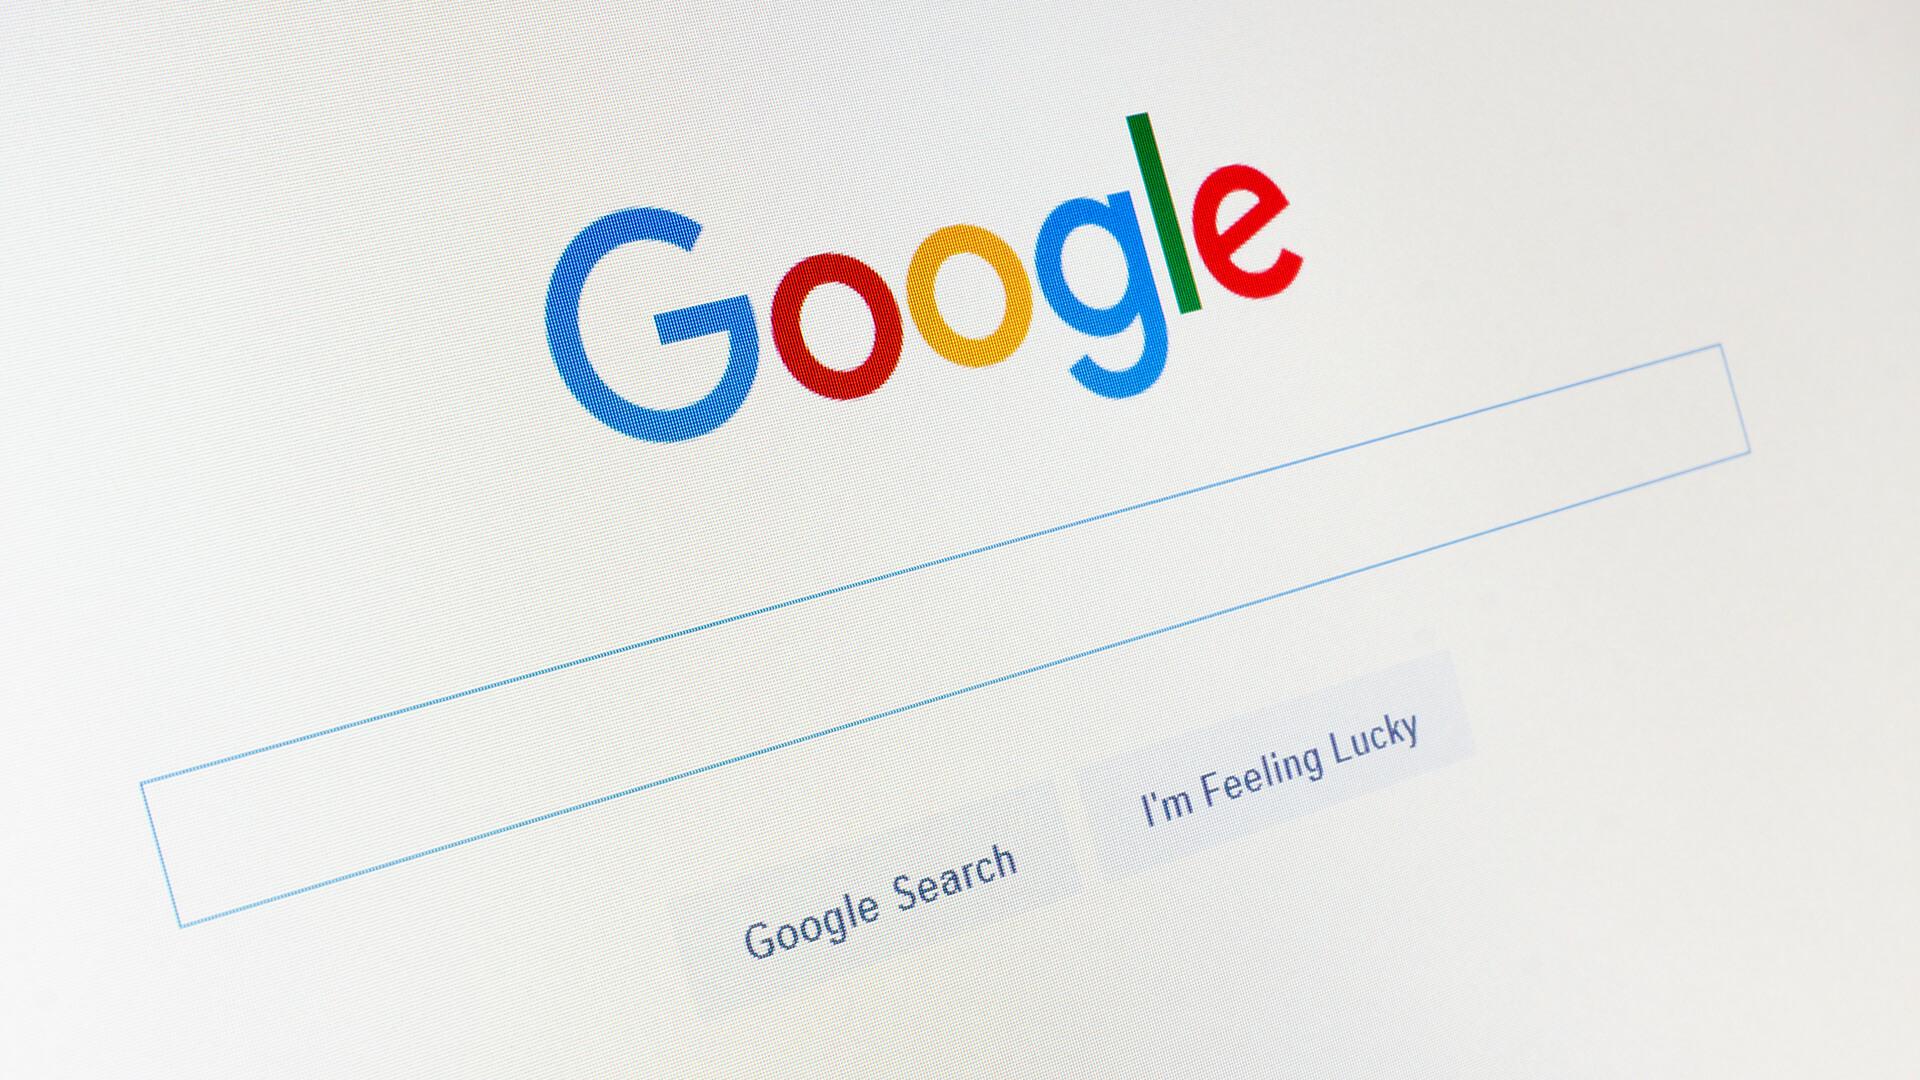 Τι έψαξαν οι Έλληνες στο Google 2017